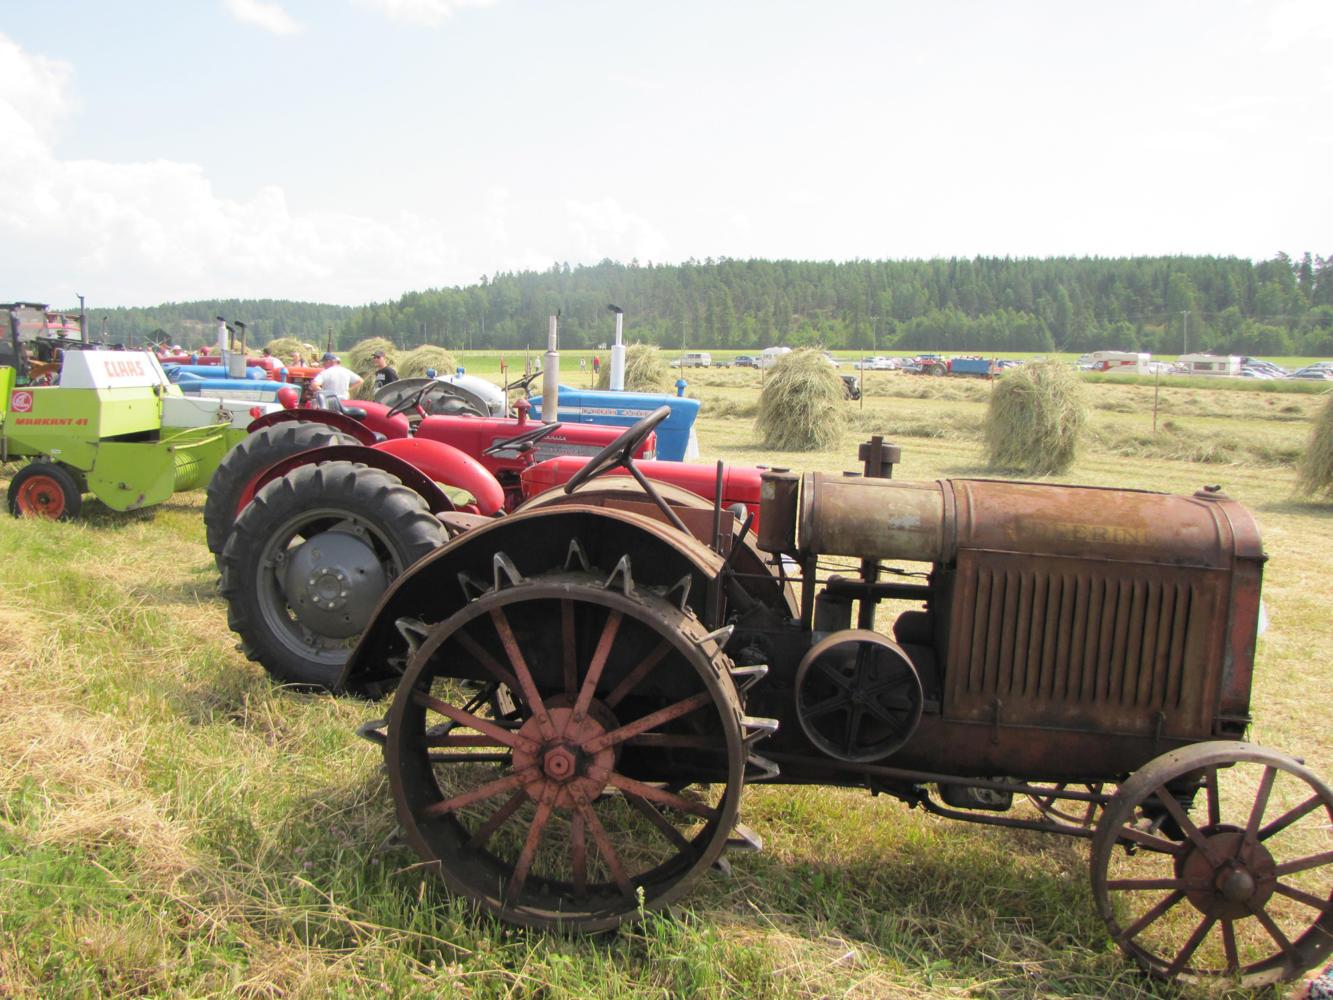 Traktorkavalkad2